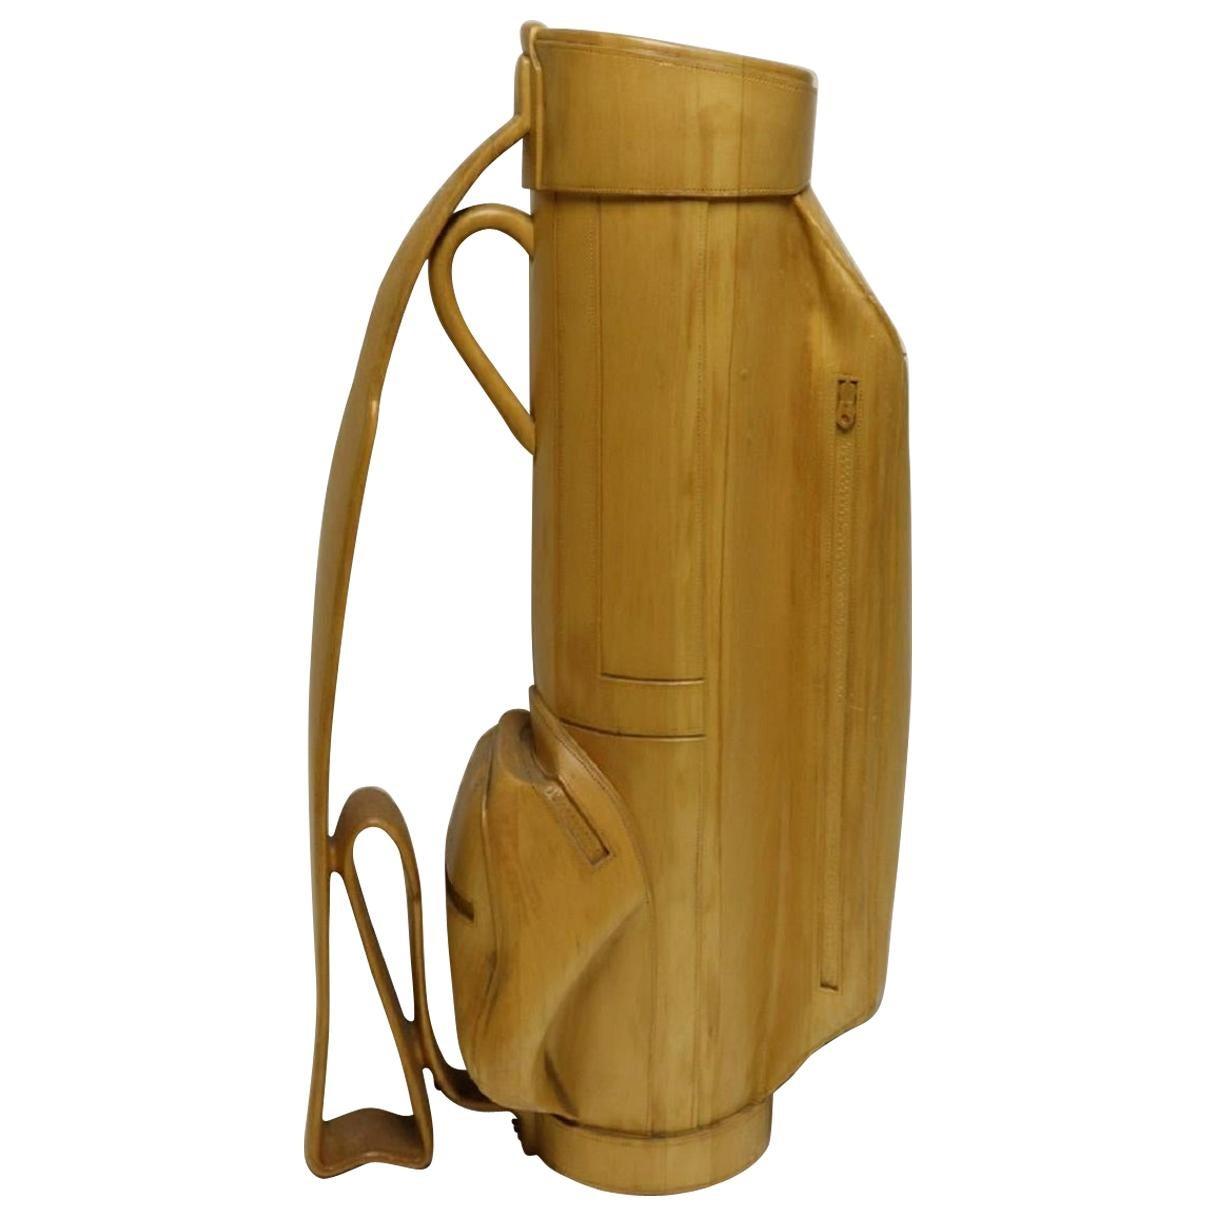 Vintage Carved Wood Decorative Golf Bag